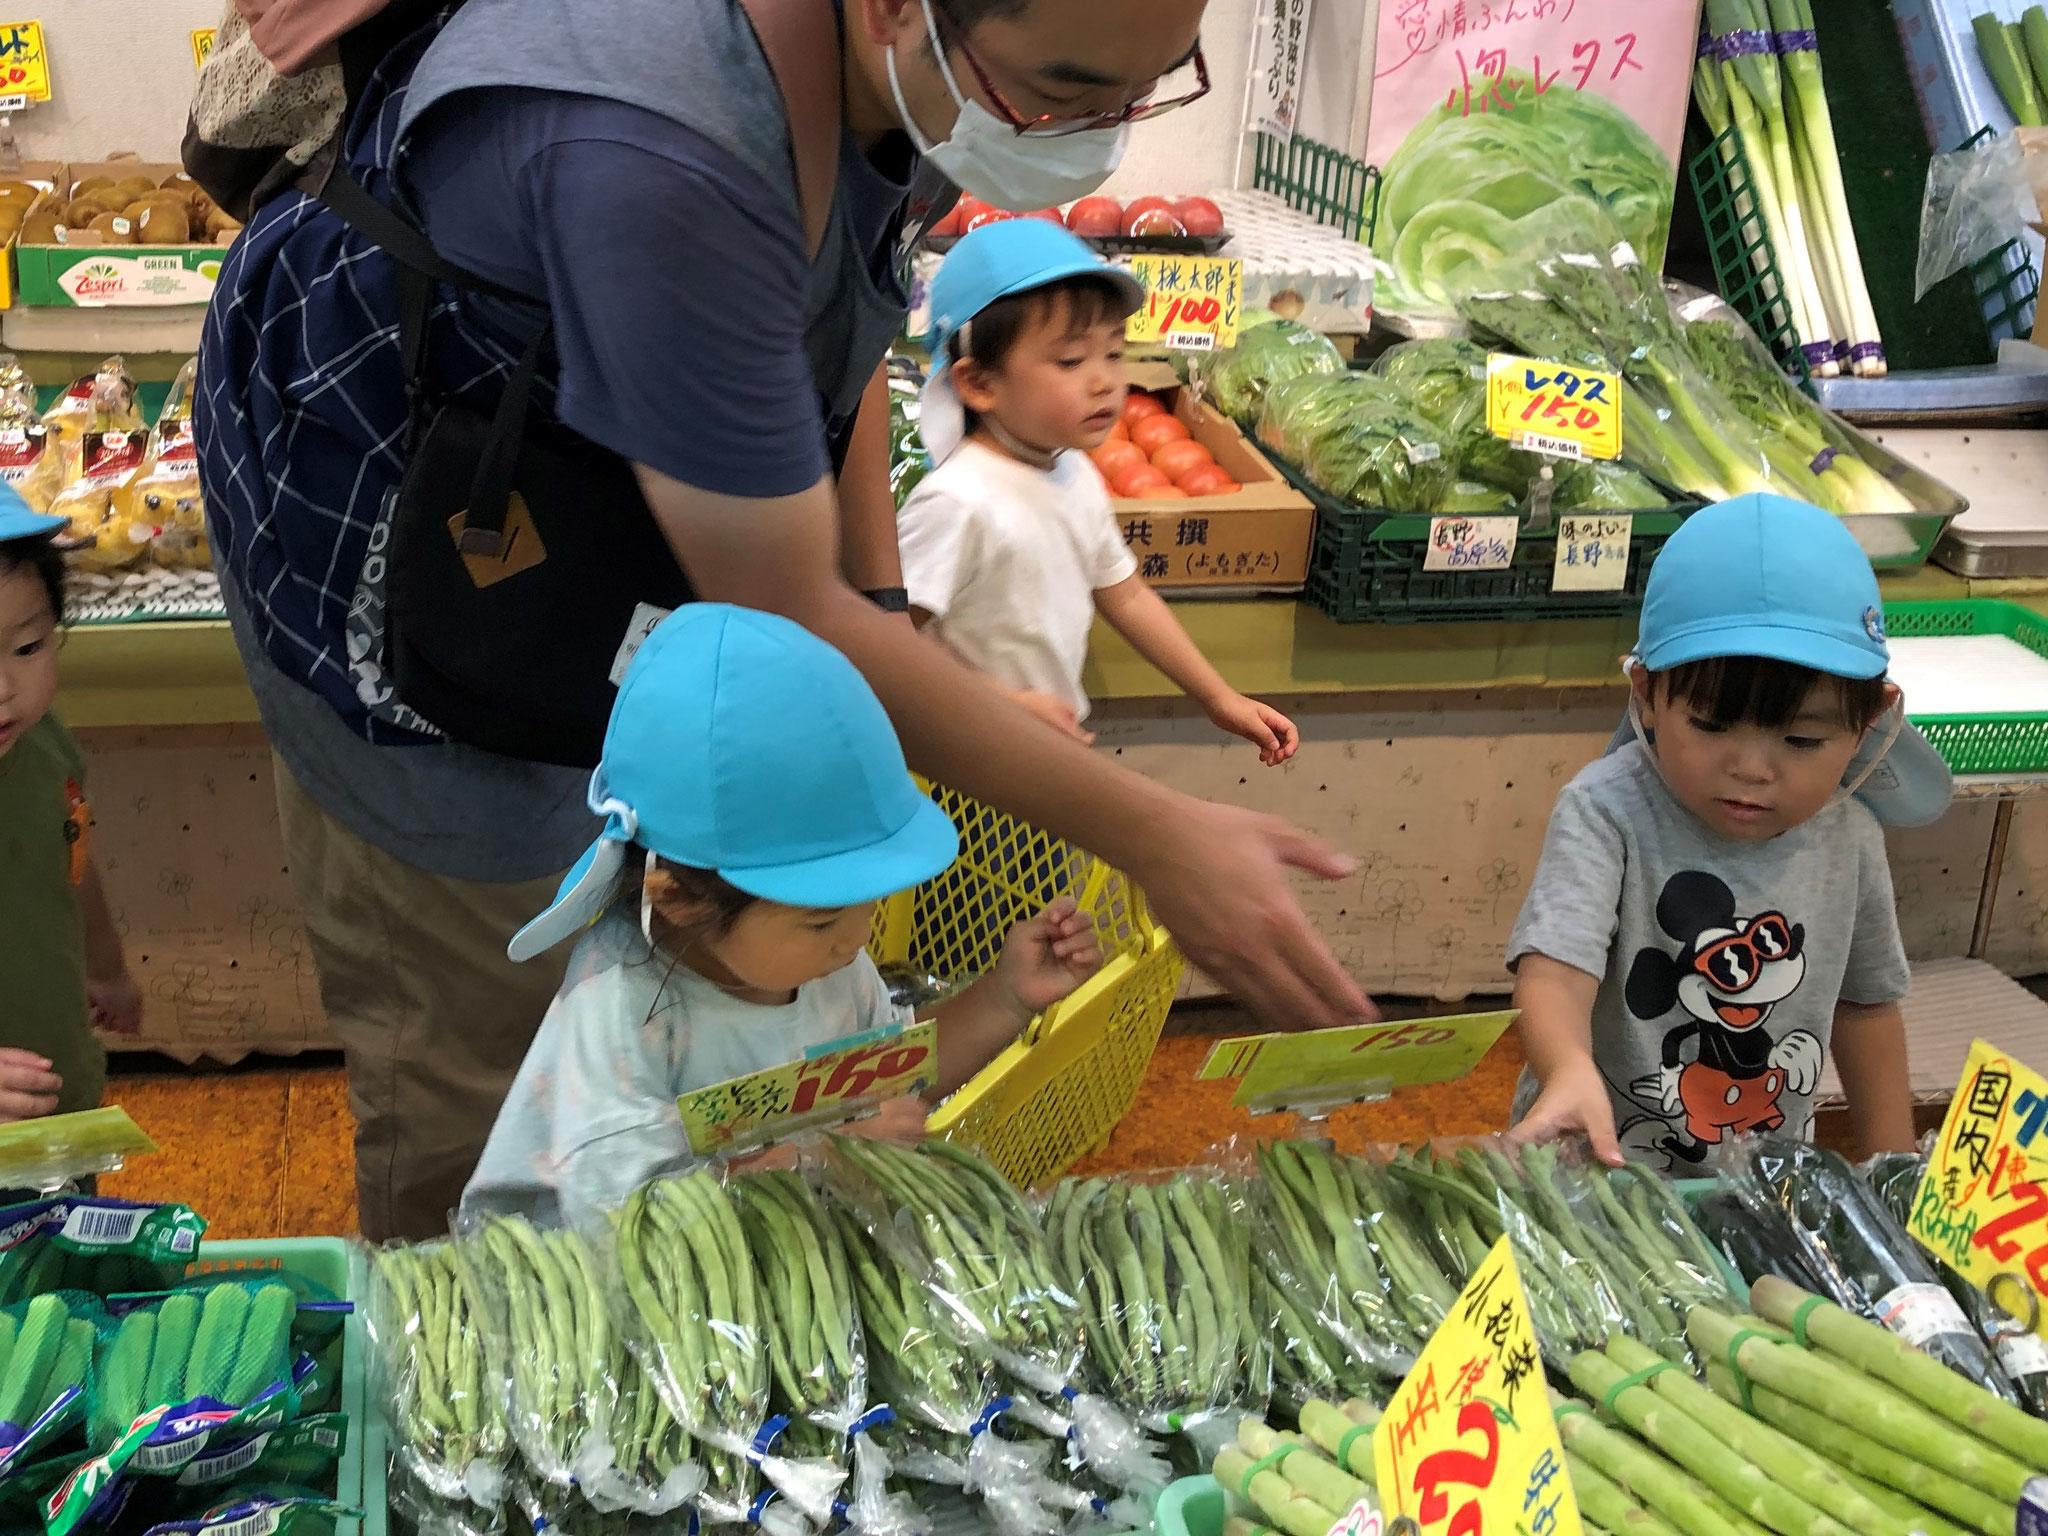 今日はお買い物にやってきました!お野菜も美味しそう。さて、さて何を買うのかな?